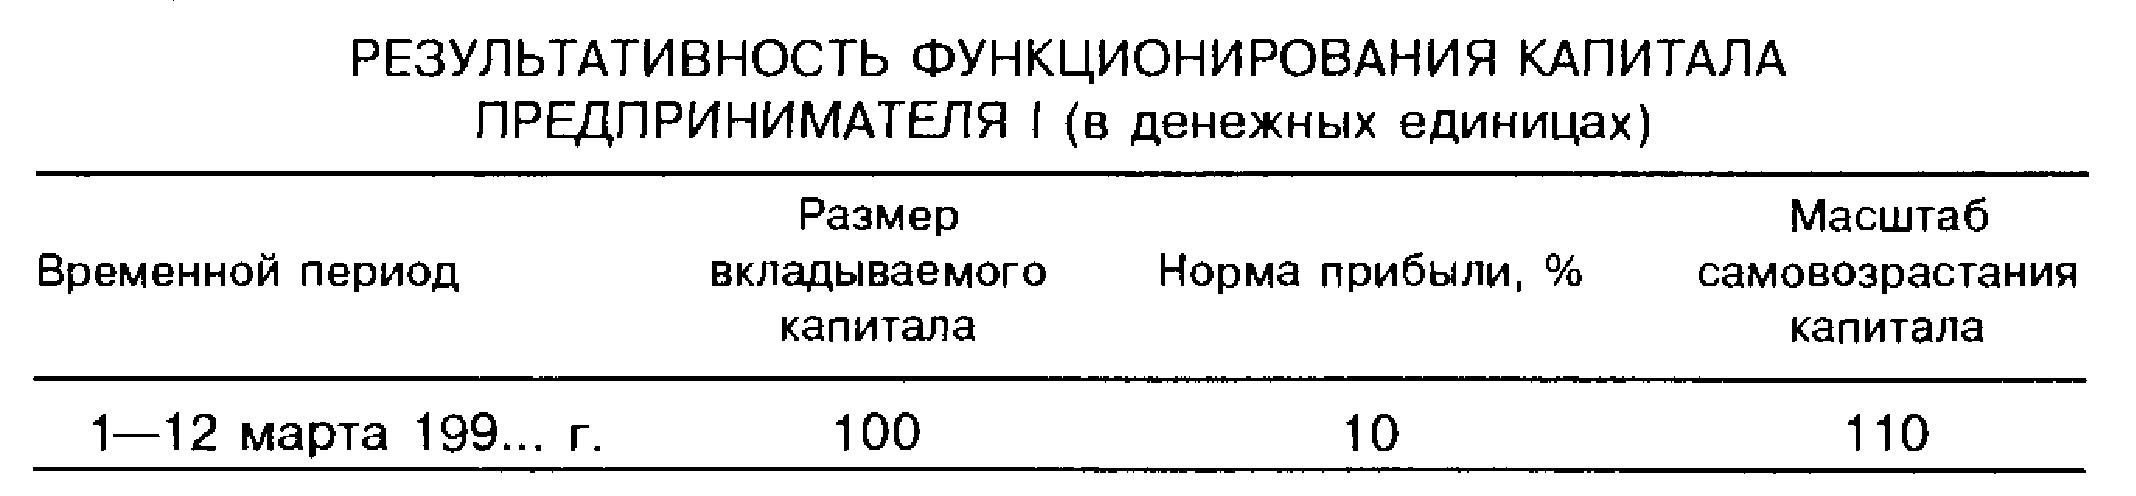 Результативность функционирования капитала предпринимателя I (в денежных единицах)